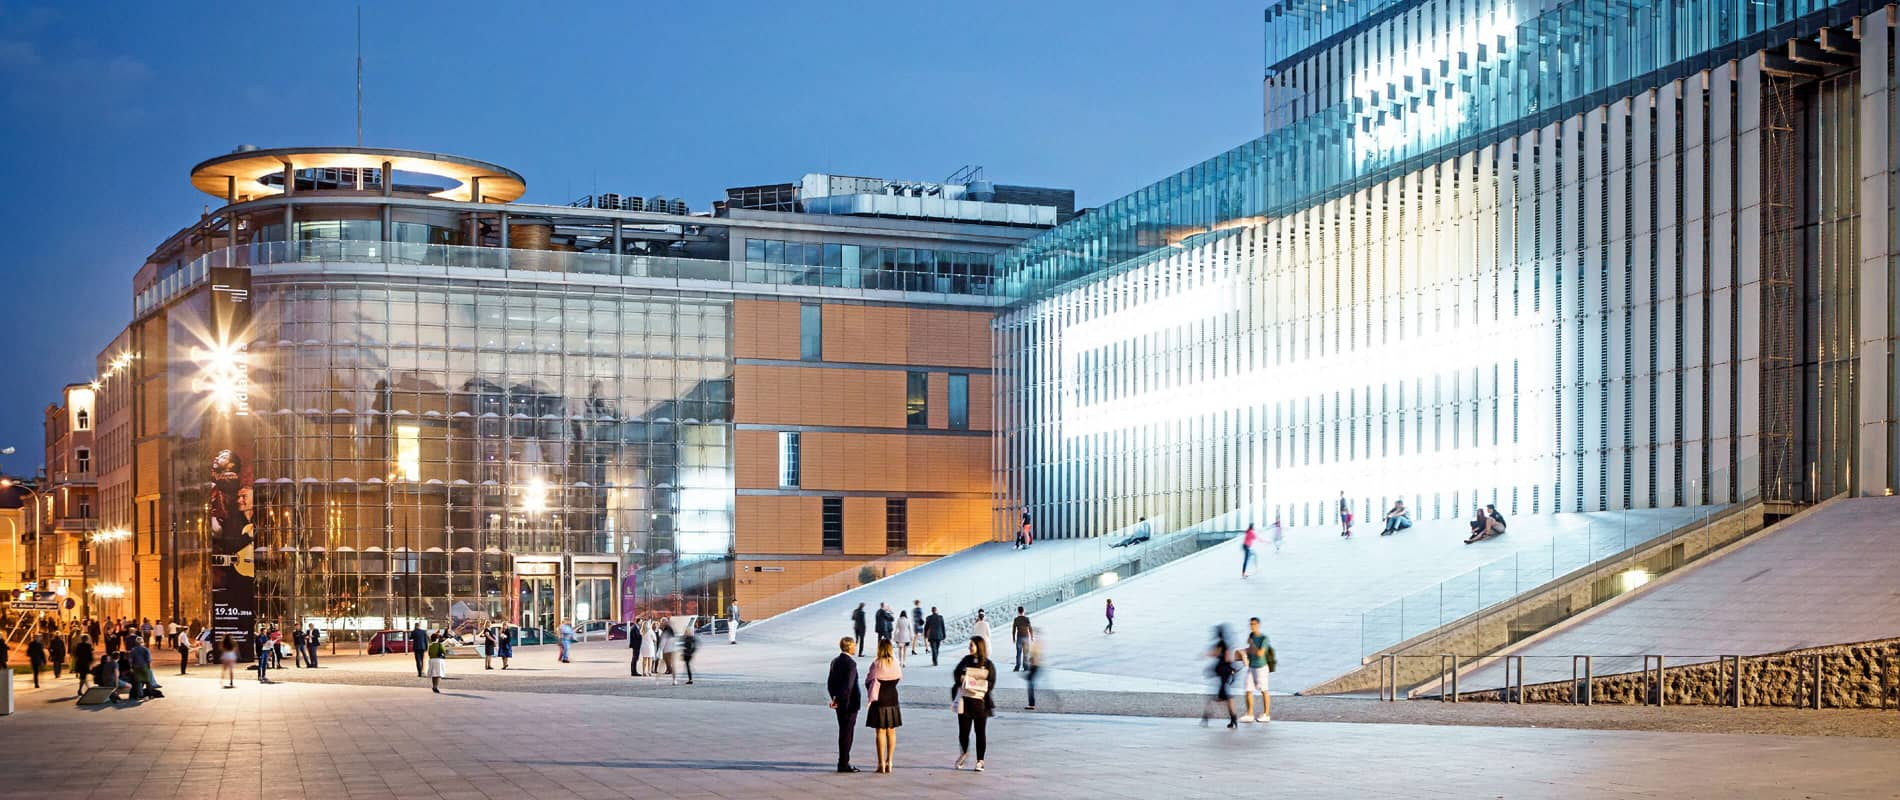 Smart City / Inteligentne Miasto - Praktyczny Podrecznik